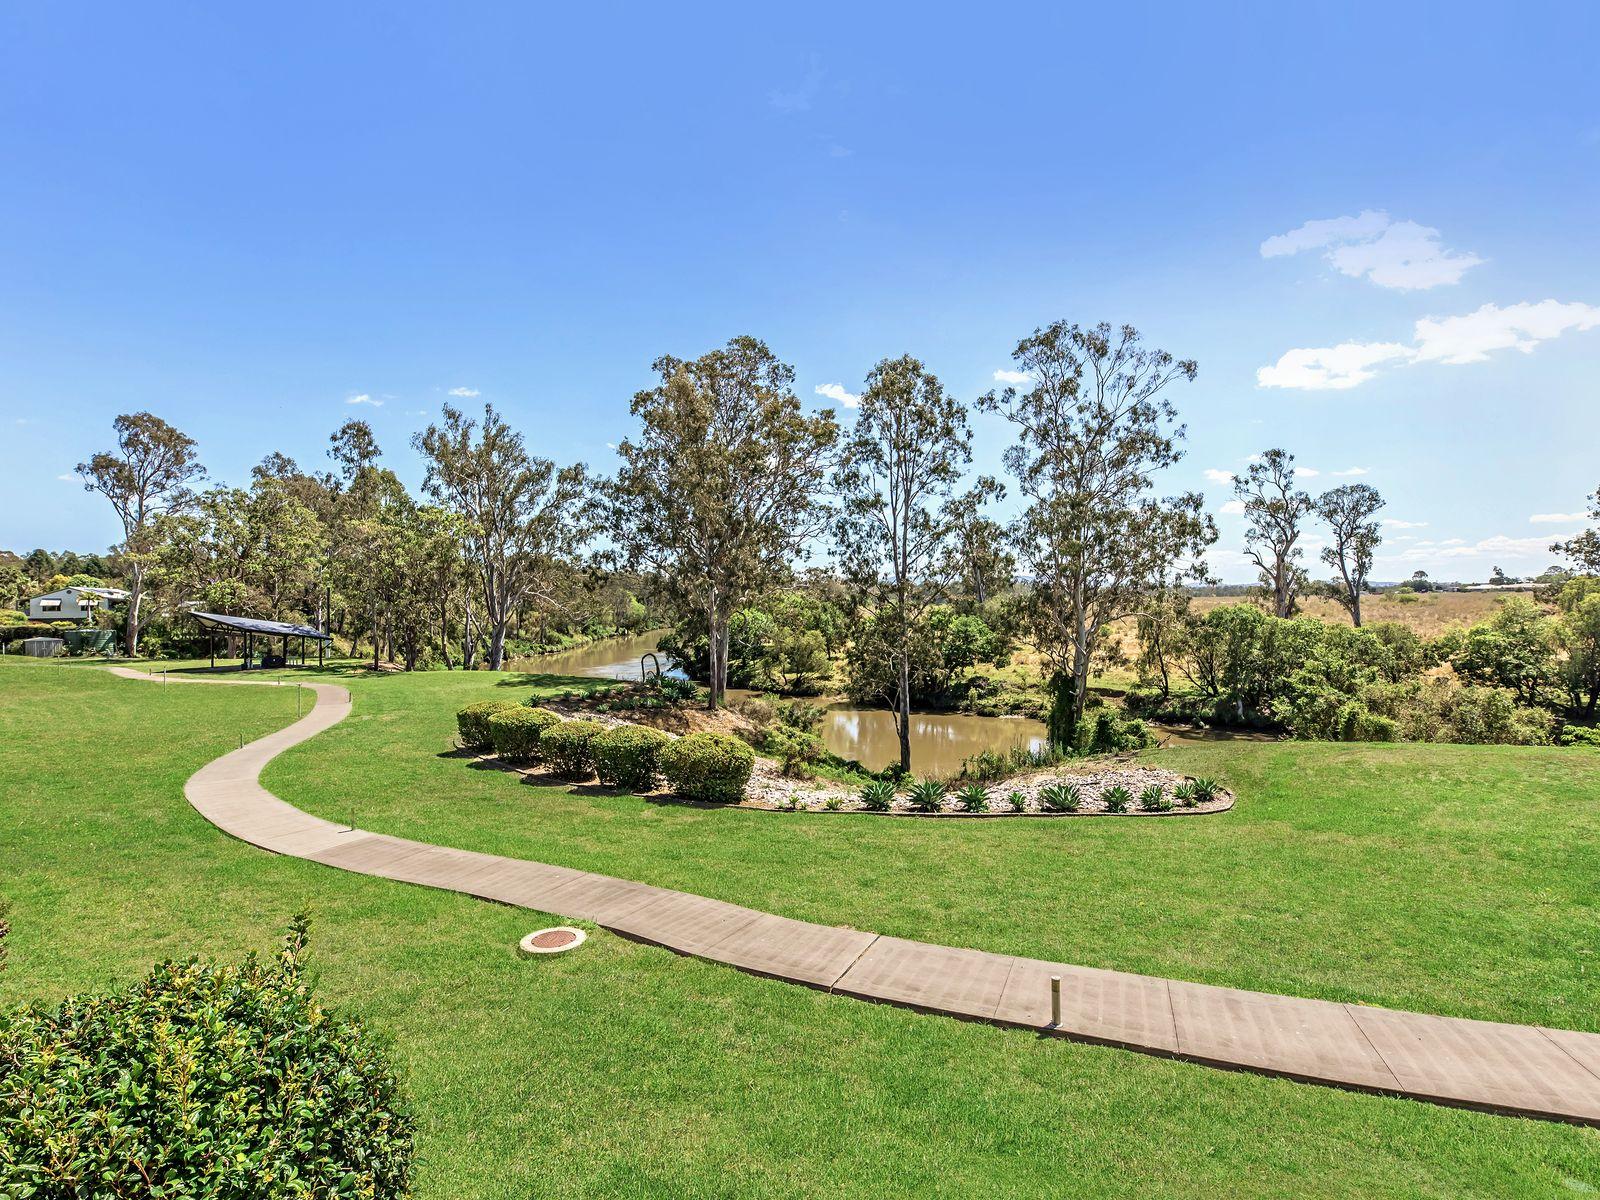 60/102A Moores Pocket Road, Moores Pocket, QLD 4305